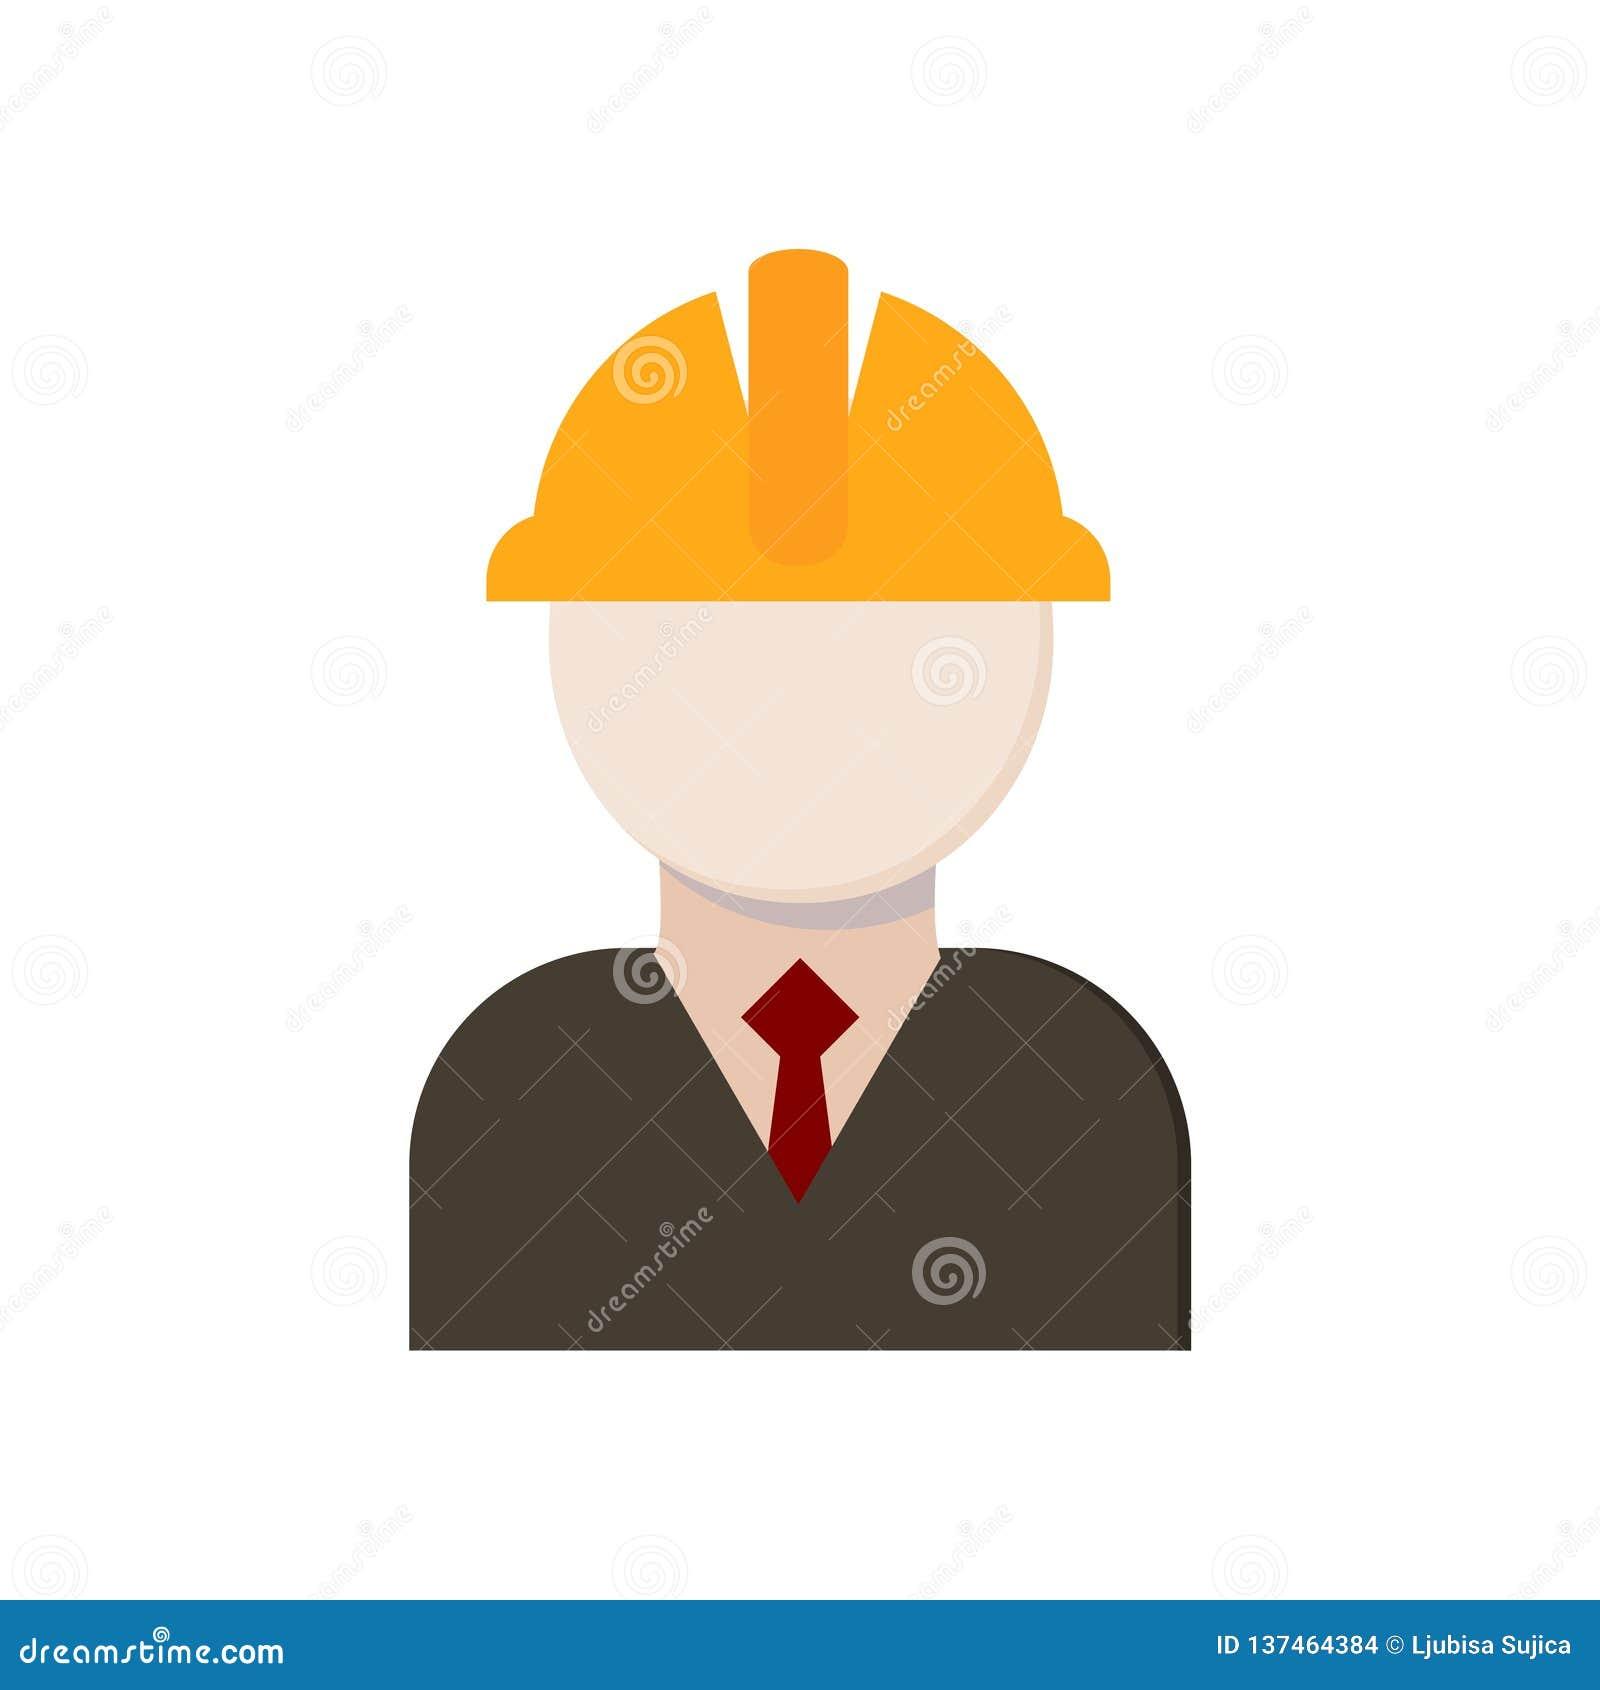 Icono del contratista, trabajadores icono o logotipo